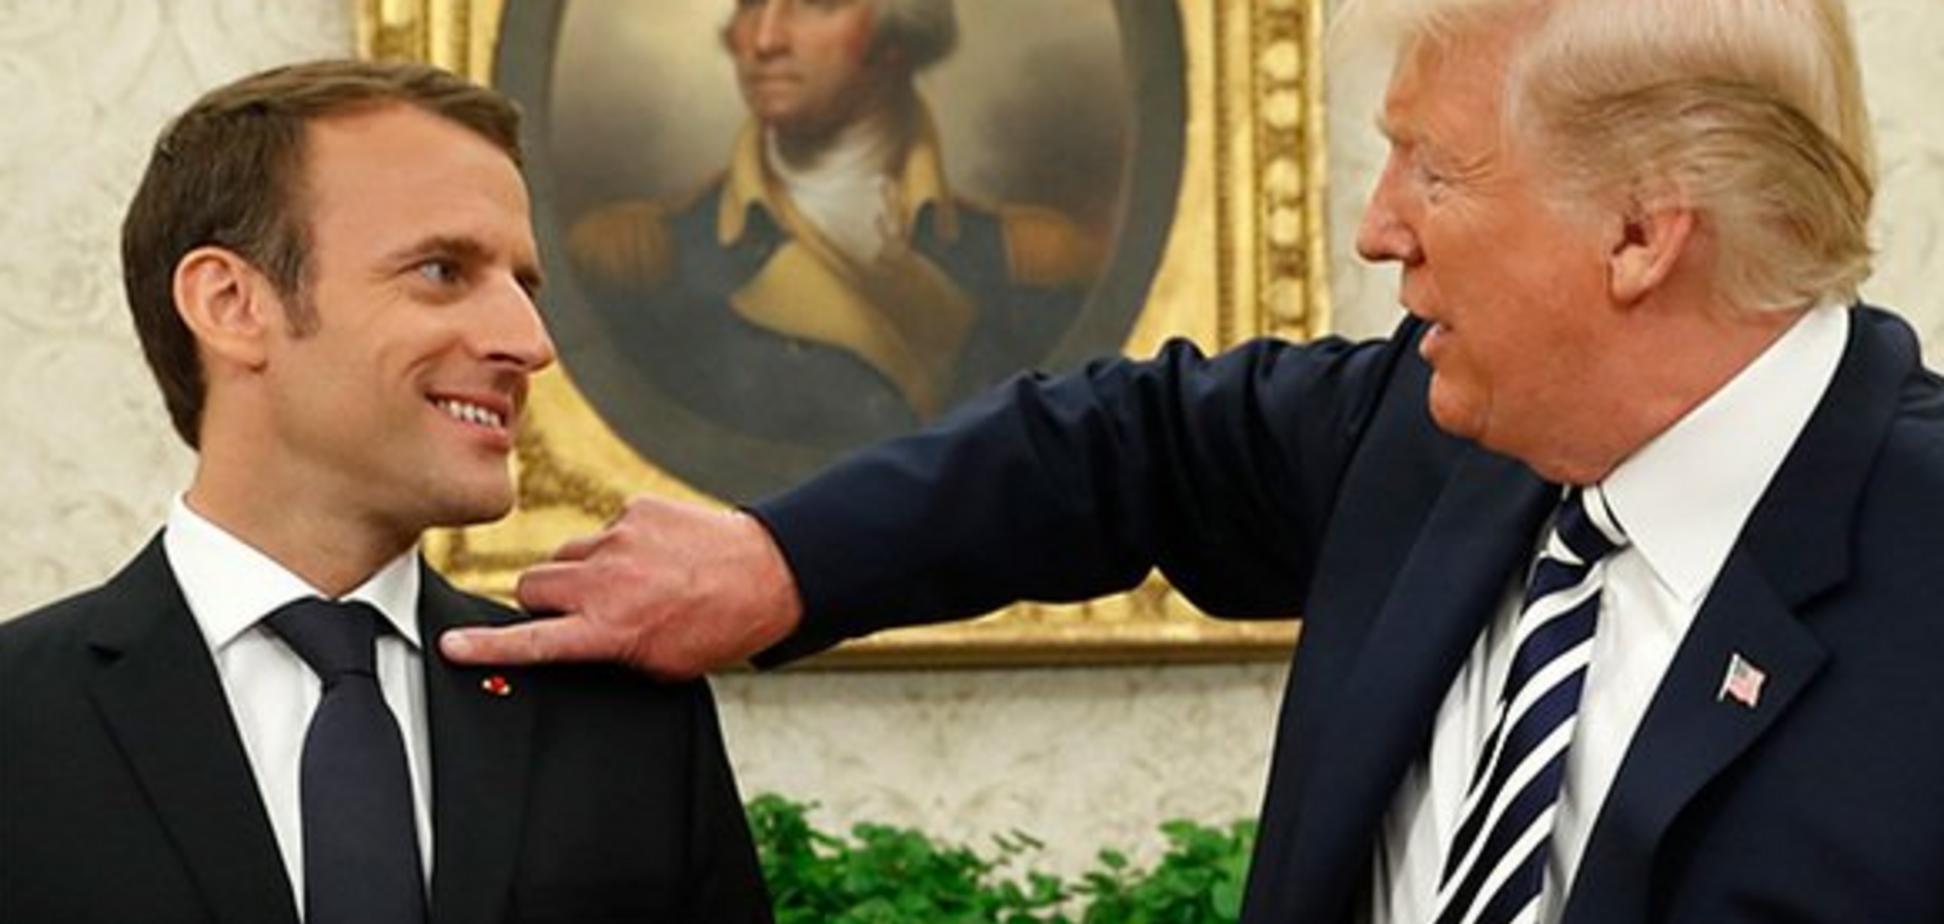 'Перхоть стряхнет, памперс поменяет': Трамп и Макрон попали в курьезную ситуацию